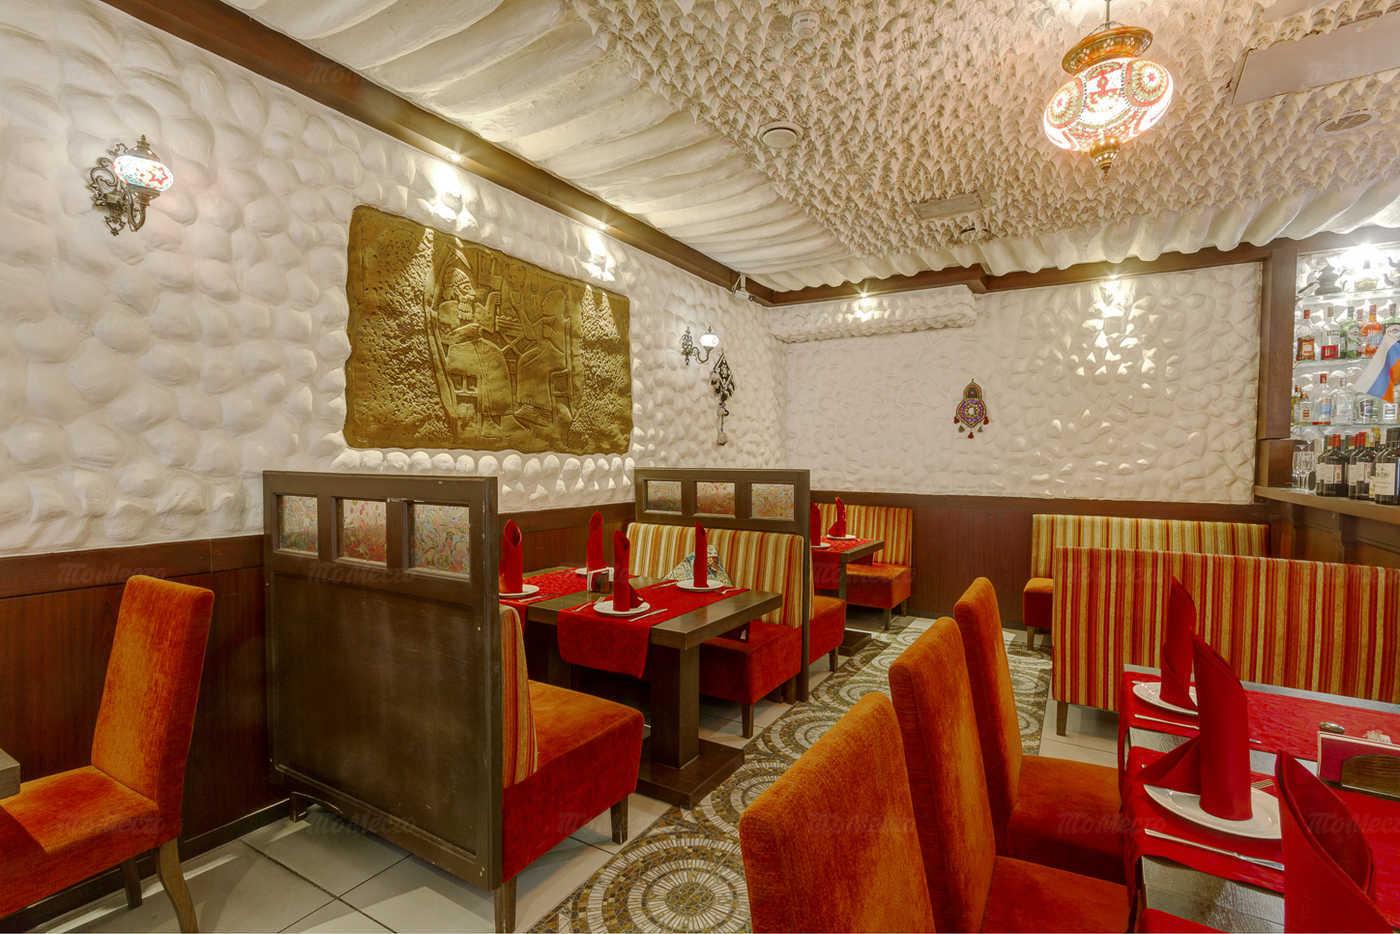 Ресторан Месопотамия на Арбате